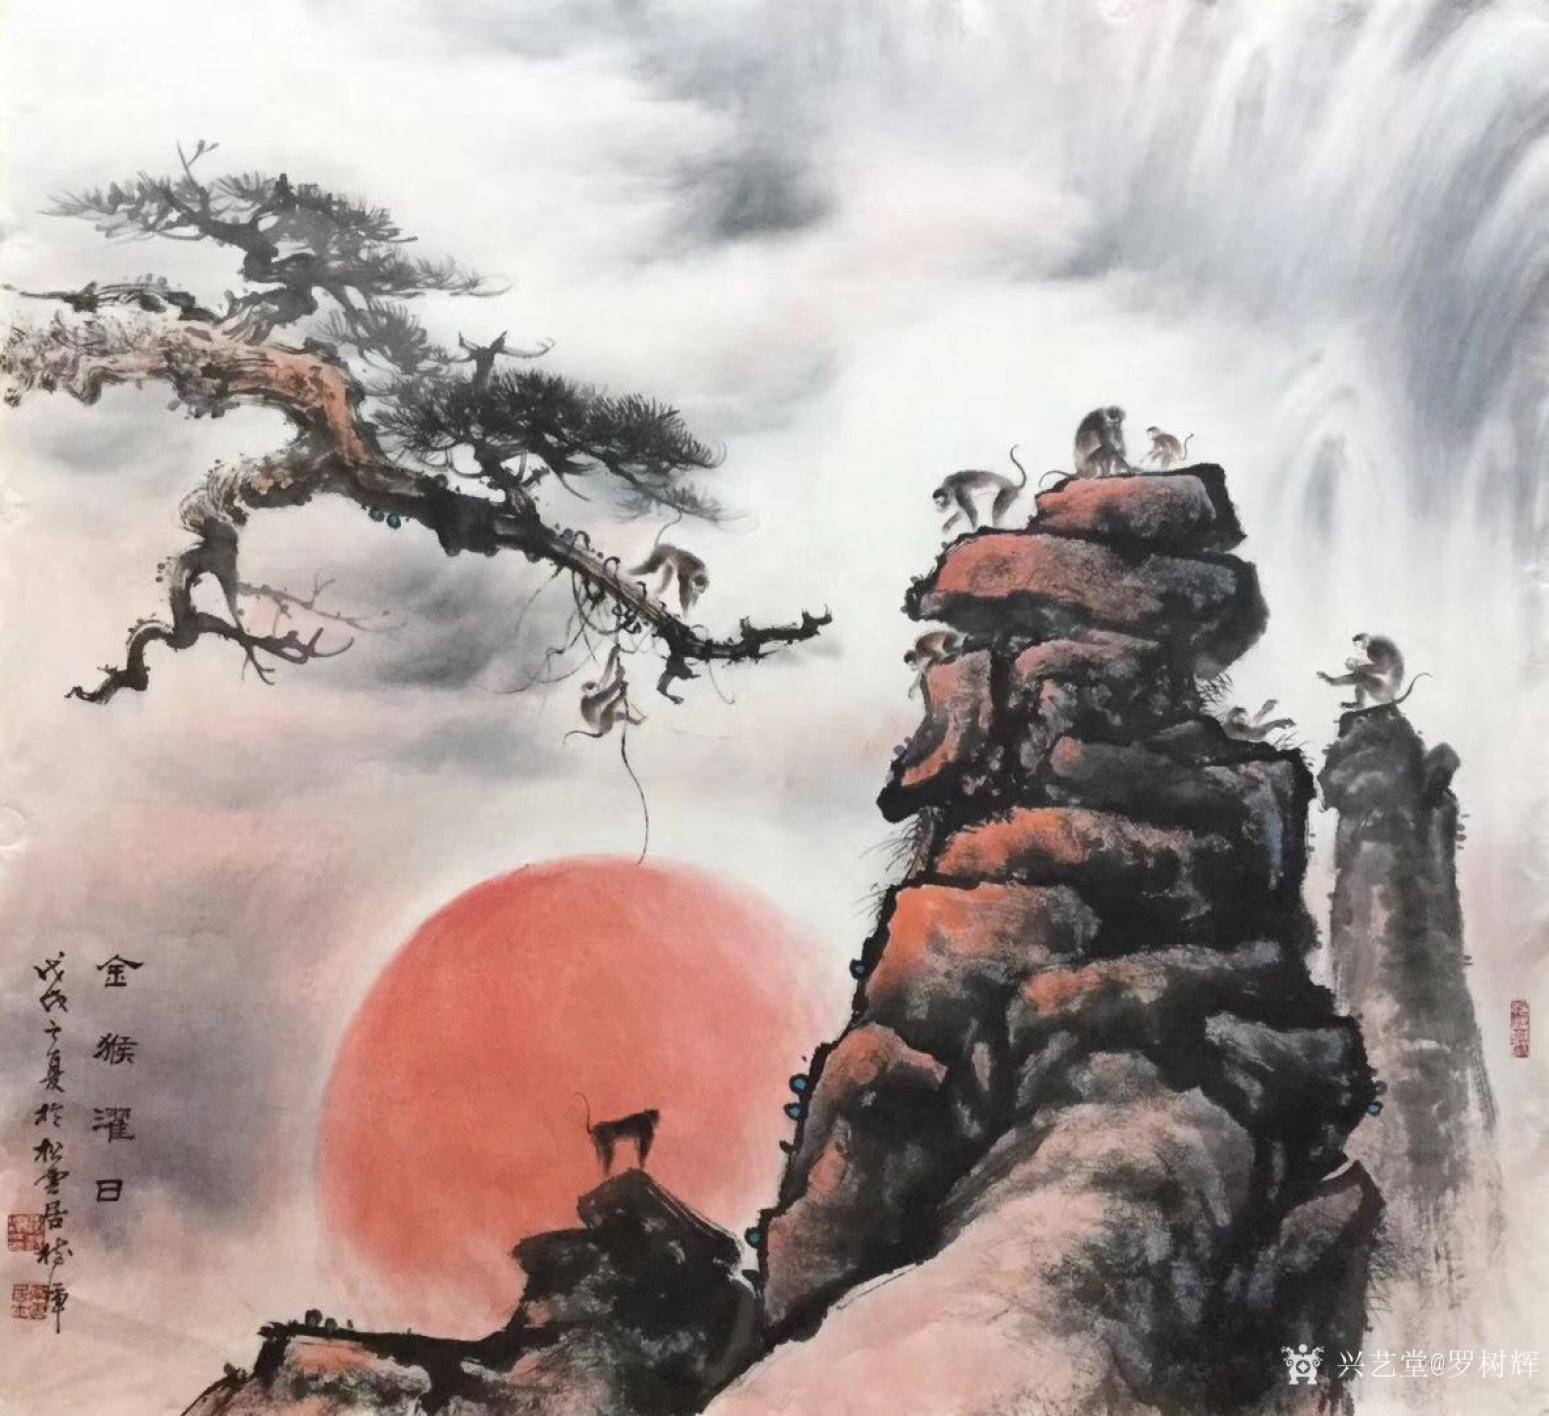 罗树辉国画作品《金猴濯日》